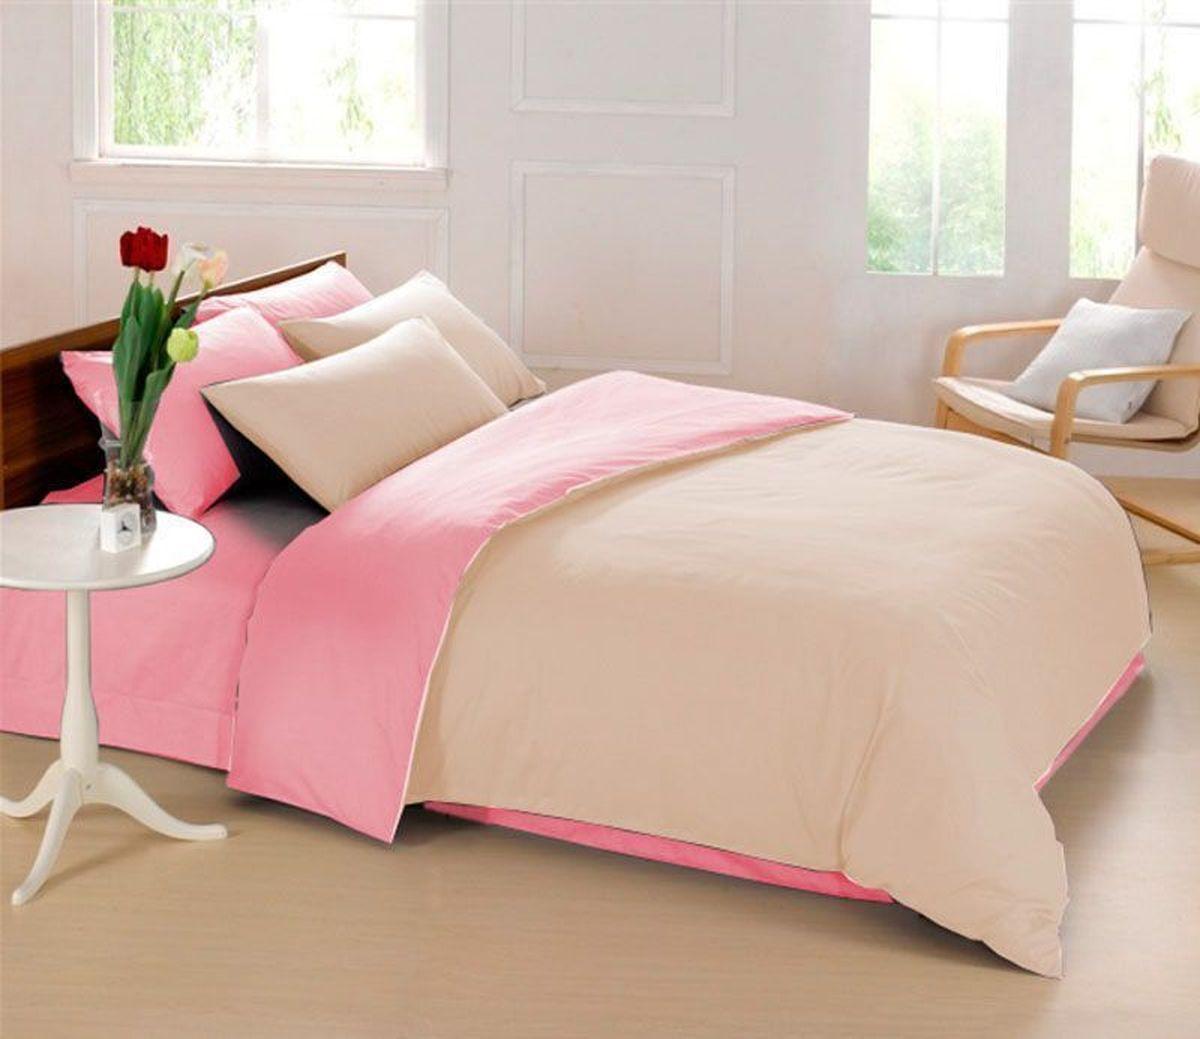 Комплект белья Sleep iX Perfection, семейный, наволочки 50х70, 70х70,цвет: розовый, бежевыйpva215423Комплект постельного белья Sleep iX Perfection состоит из двух пододеяльников, простыни и четырех наволочек. Предметы комплекта выполнены из абсолютно гипоаллергенной микрофибры, неприхотливой в уходе.Благодаря такому комплекту постельного белья вы сможете создать атмосферу уюта и комфорта в вашей спальне.Известно, что цвет напрямую воздействует на психологическое и физическое состояние человека. Бежевый – обладает внутренней теплотой, заряжает положительной энергетикой и способствует формированию душевной гармонии. Человек ощущает себя в окружении бежевого цвета очень спокойно. Розовый – нежный и сентиментальный цвет. Обеспечивает здоровый сон, способствует мышечному расслаблению, успокаивает нервную систему.